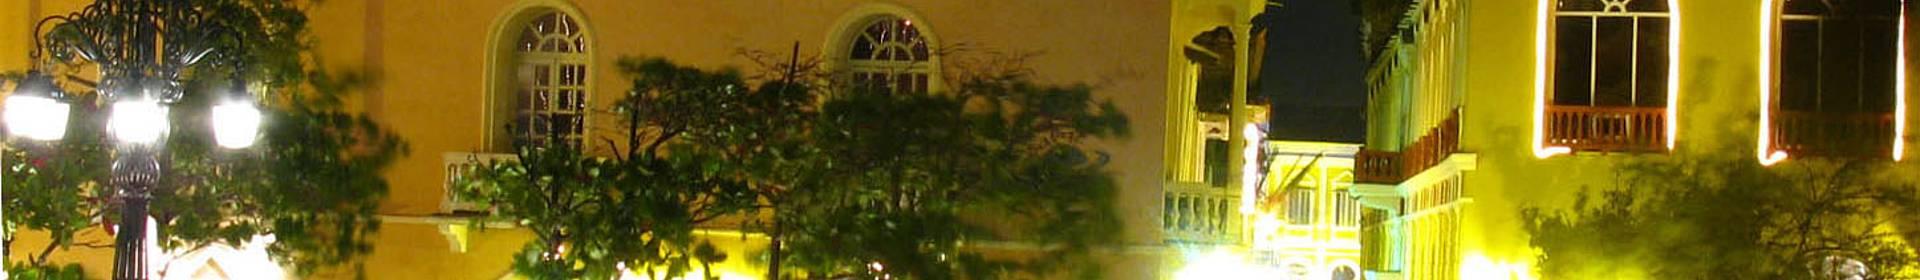 Filo Cartagena